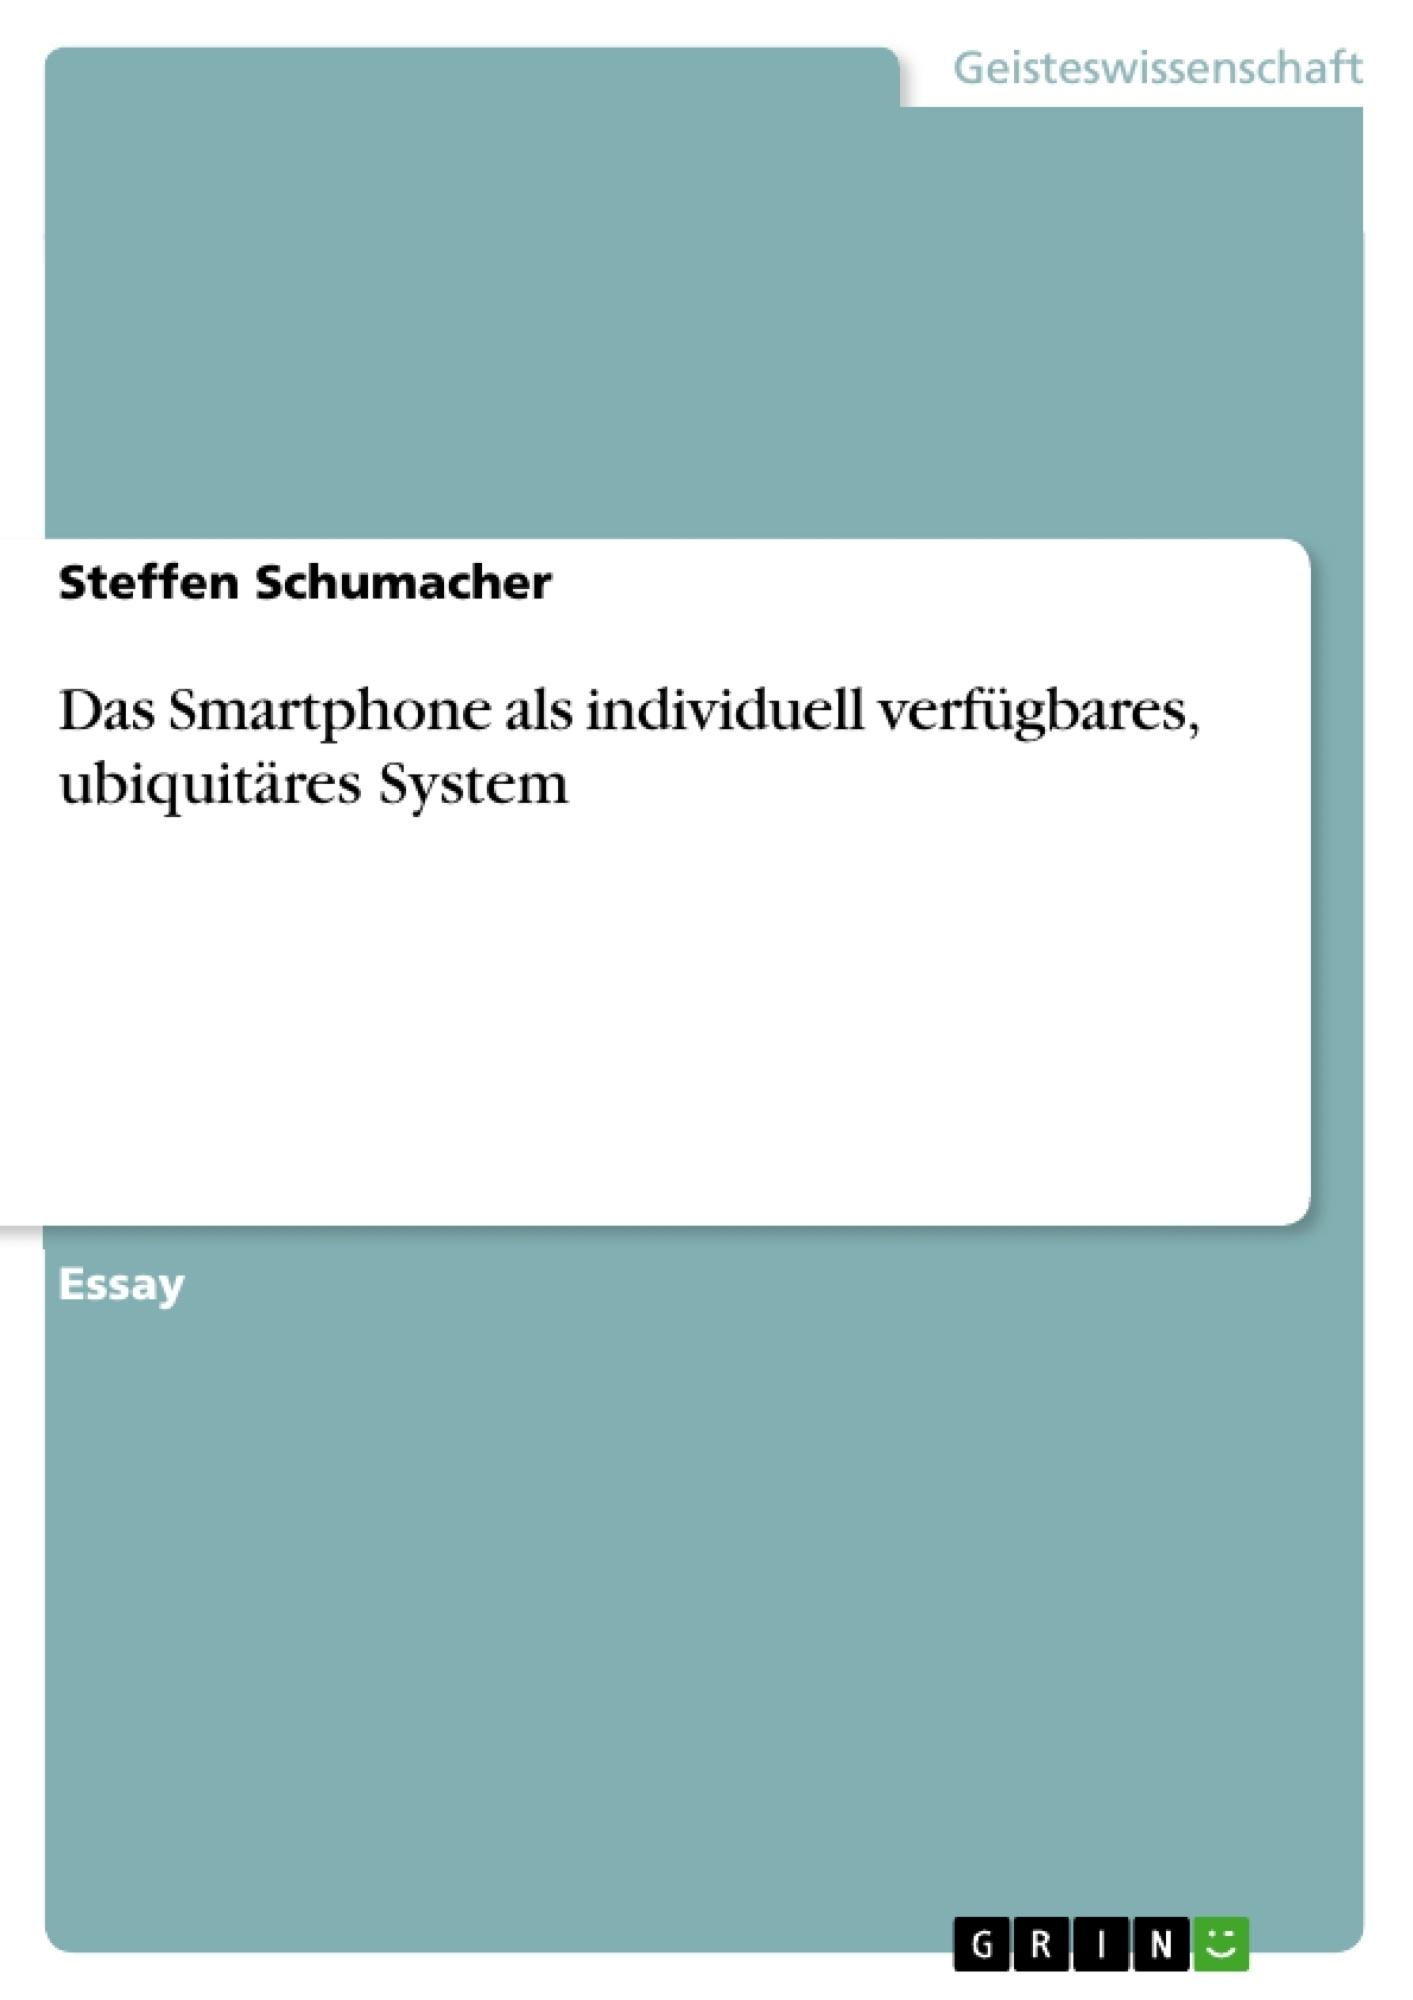 Titel: Das Smartphone als individuell verfügbares, ubiquitäres System